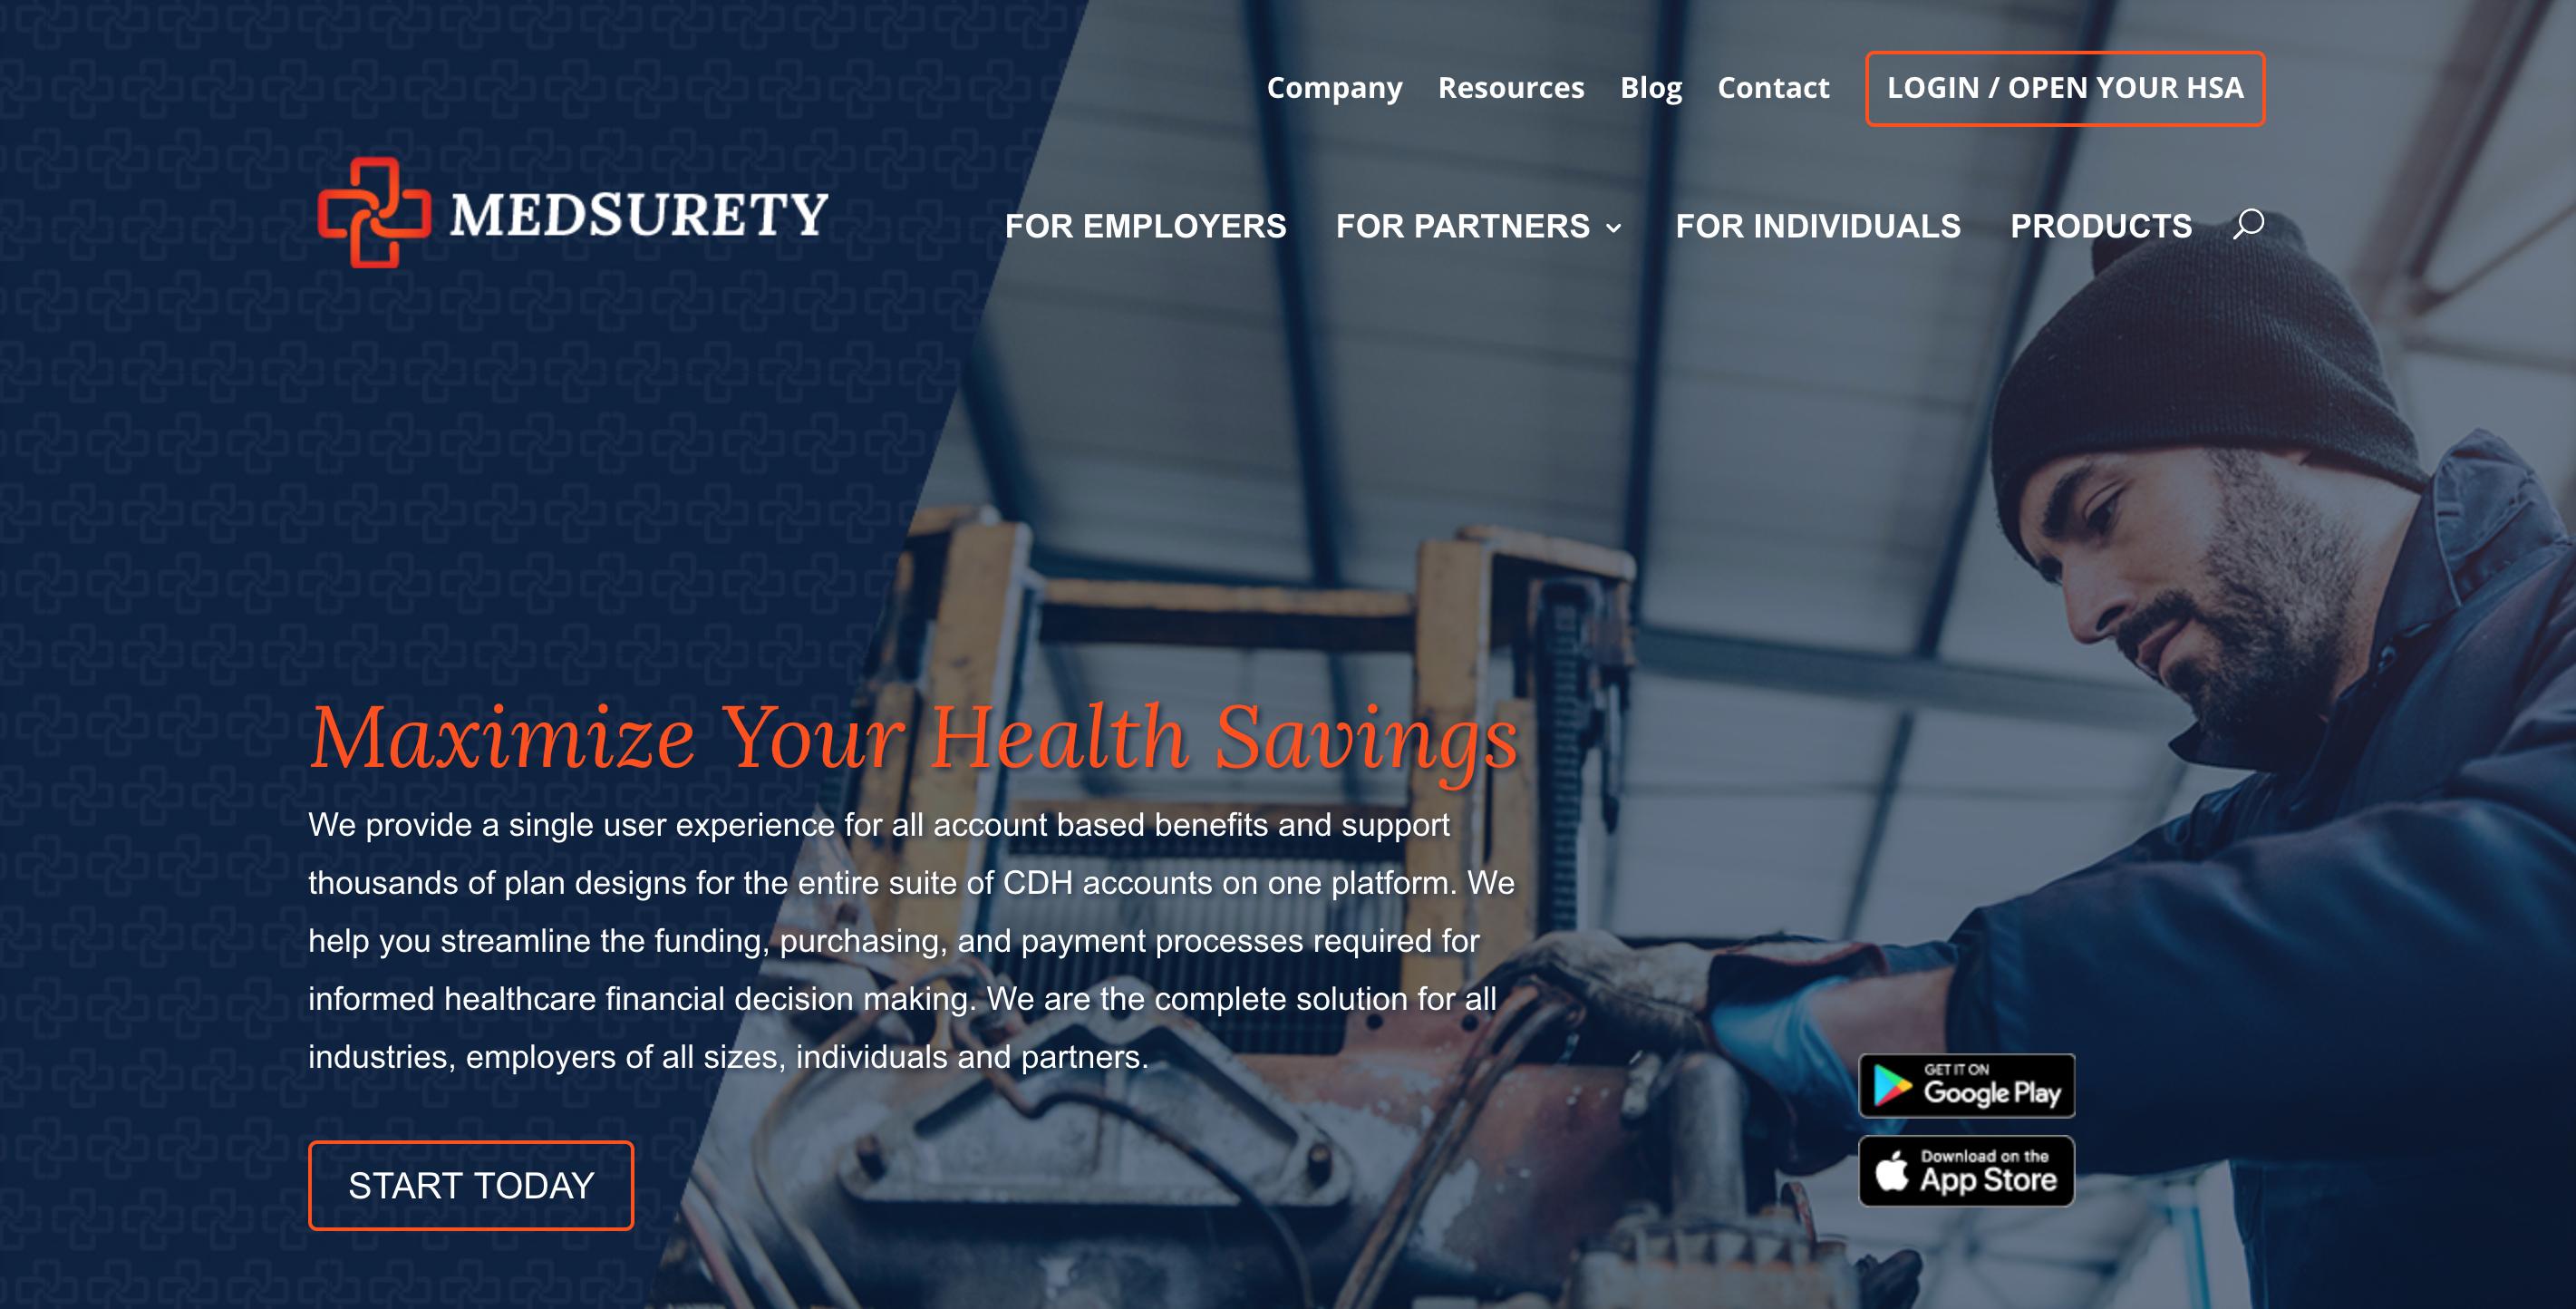 WordPress-Divi-Website-Example-Medurety